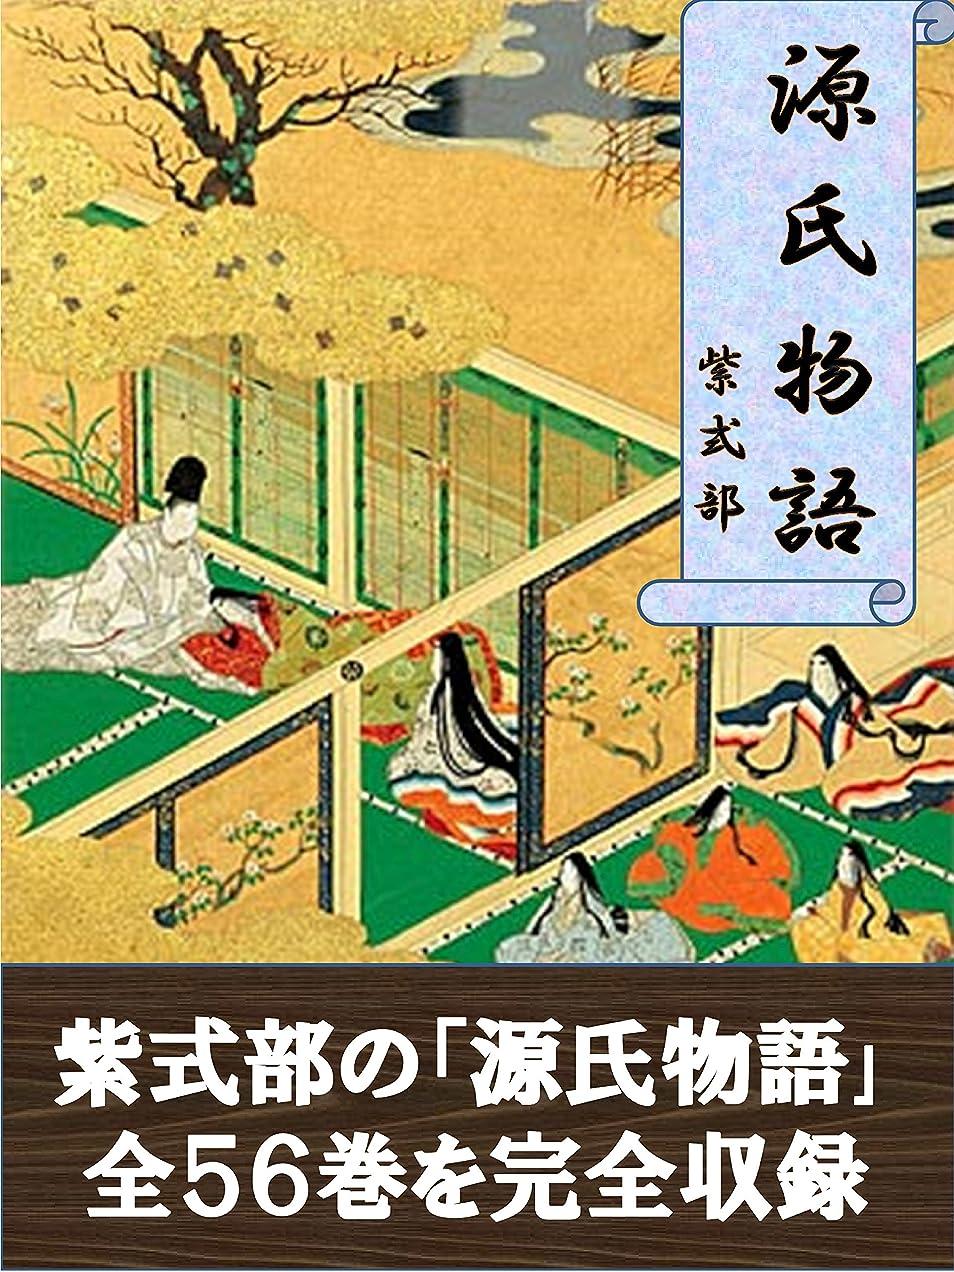 許可する恐ろしいですプット源氏物語 全56巻 The Tales of GENJI【in Japanese whole volume】